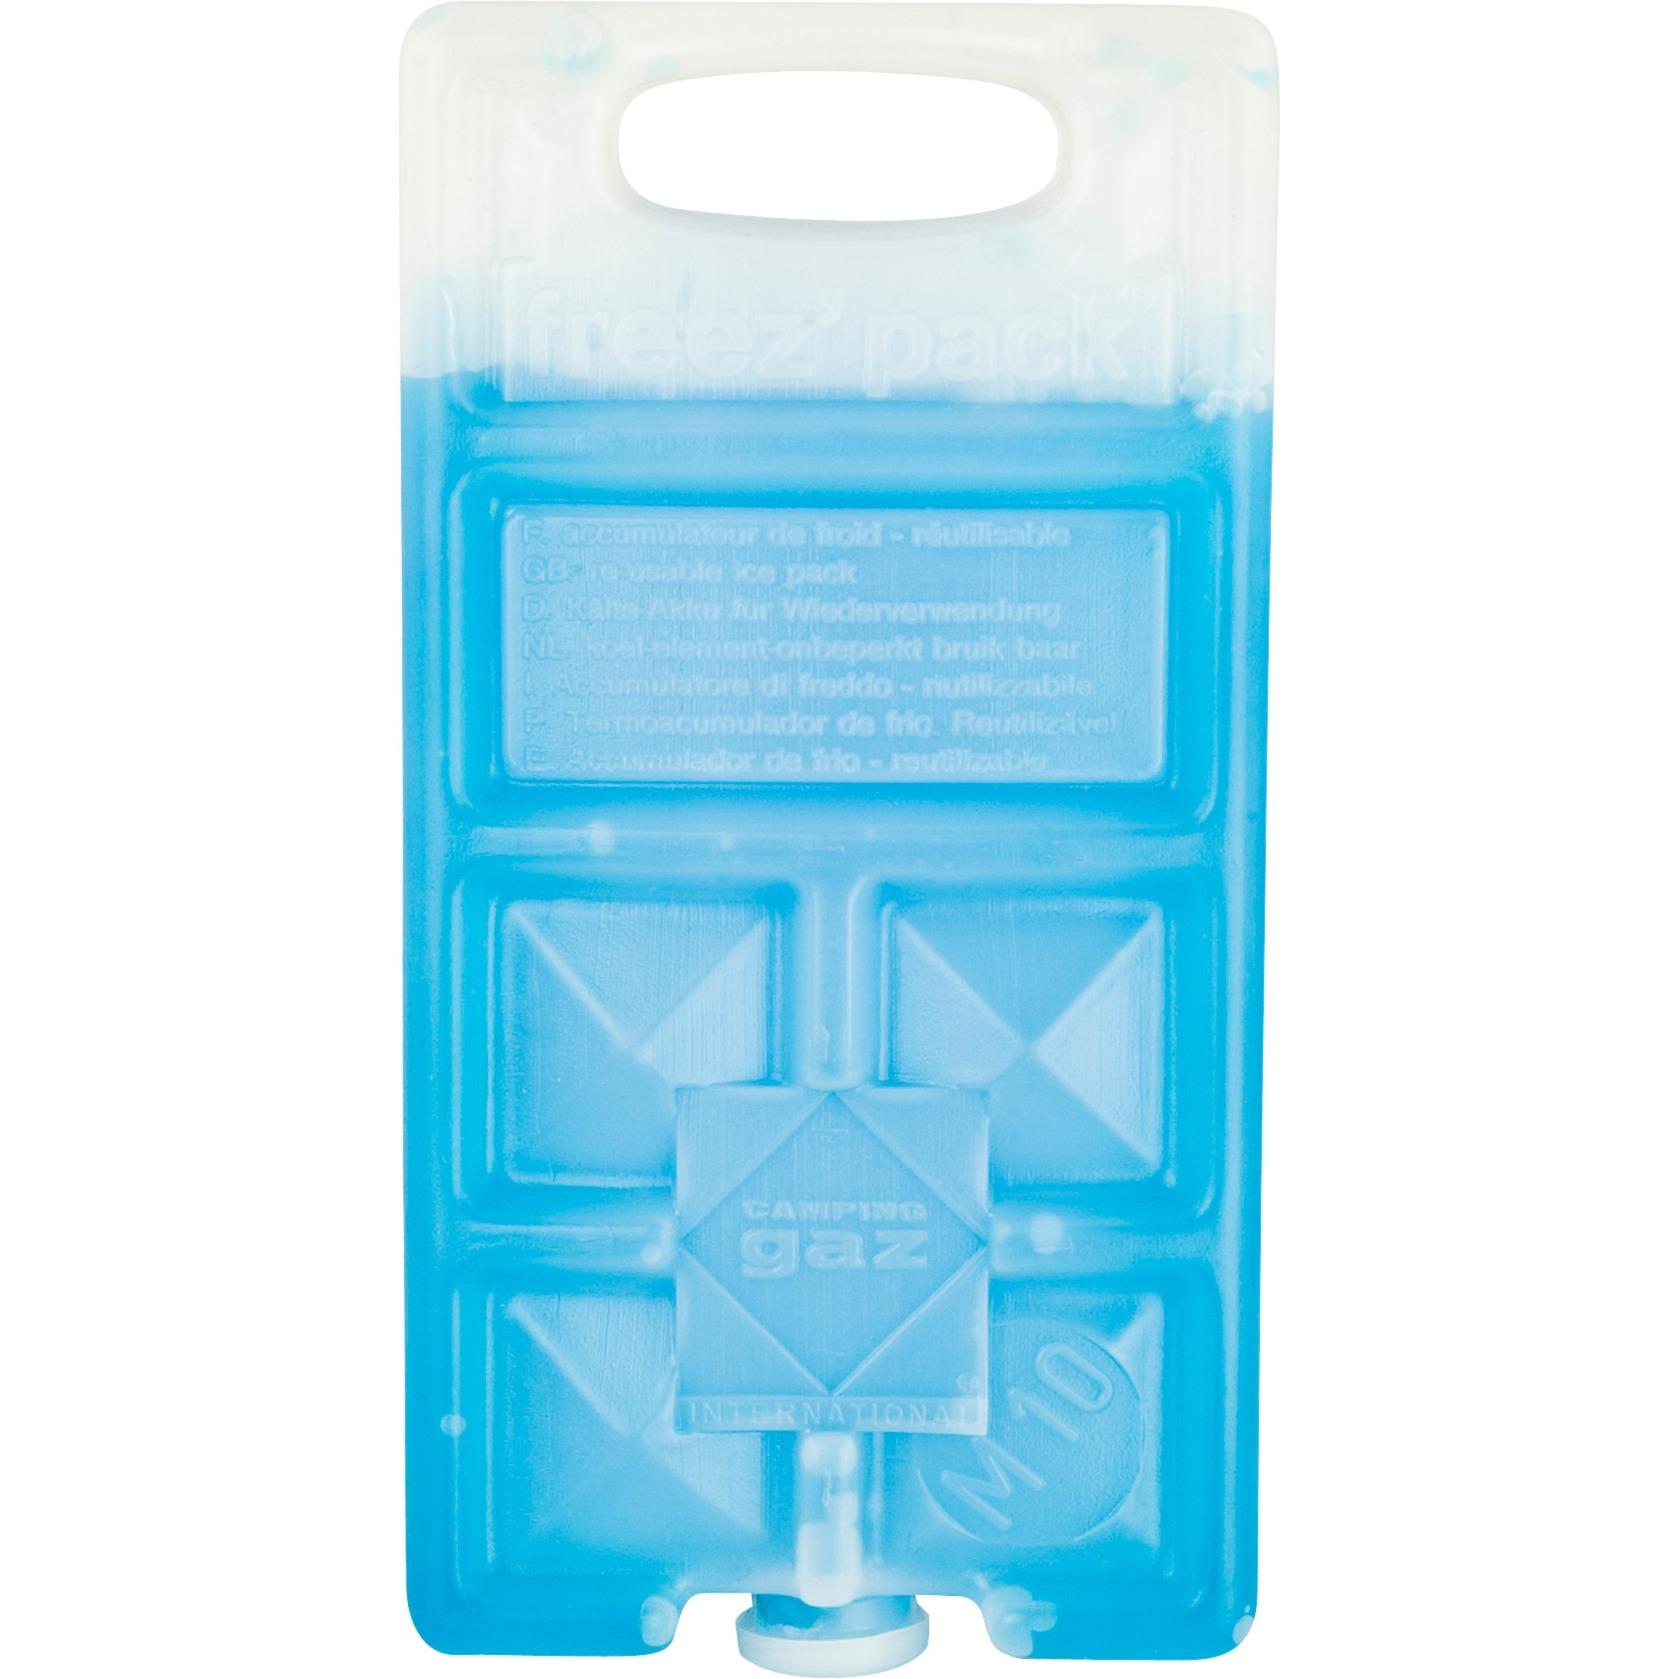 9377 bolsa de hielo, Elemento refrigerante